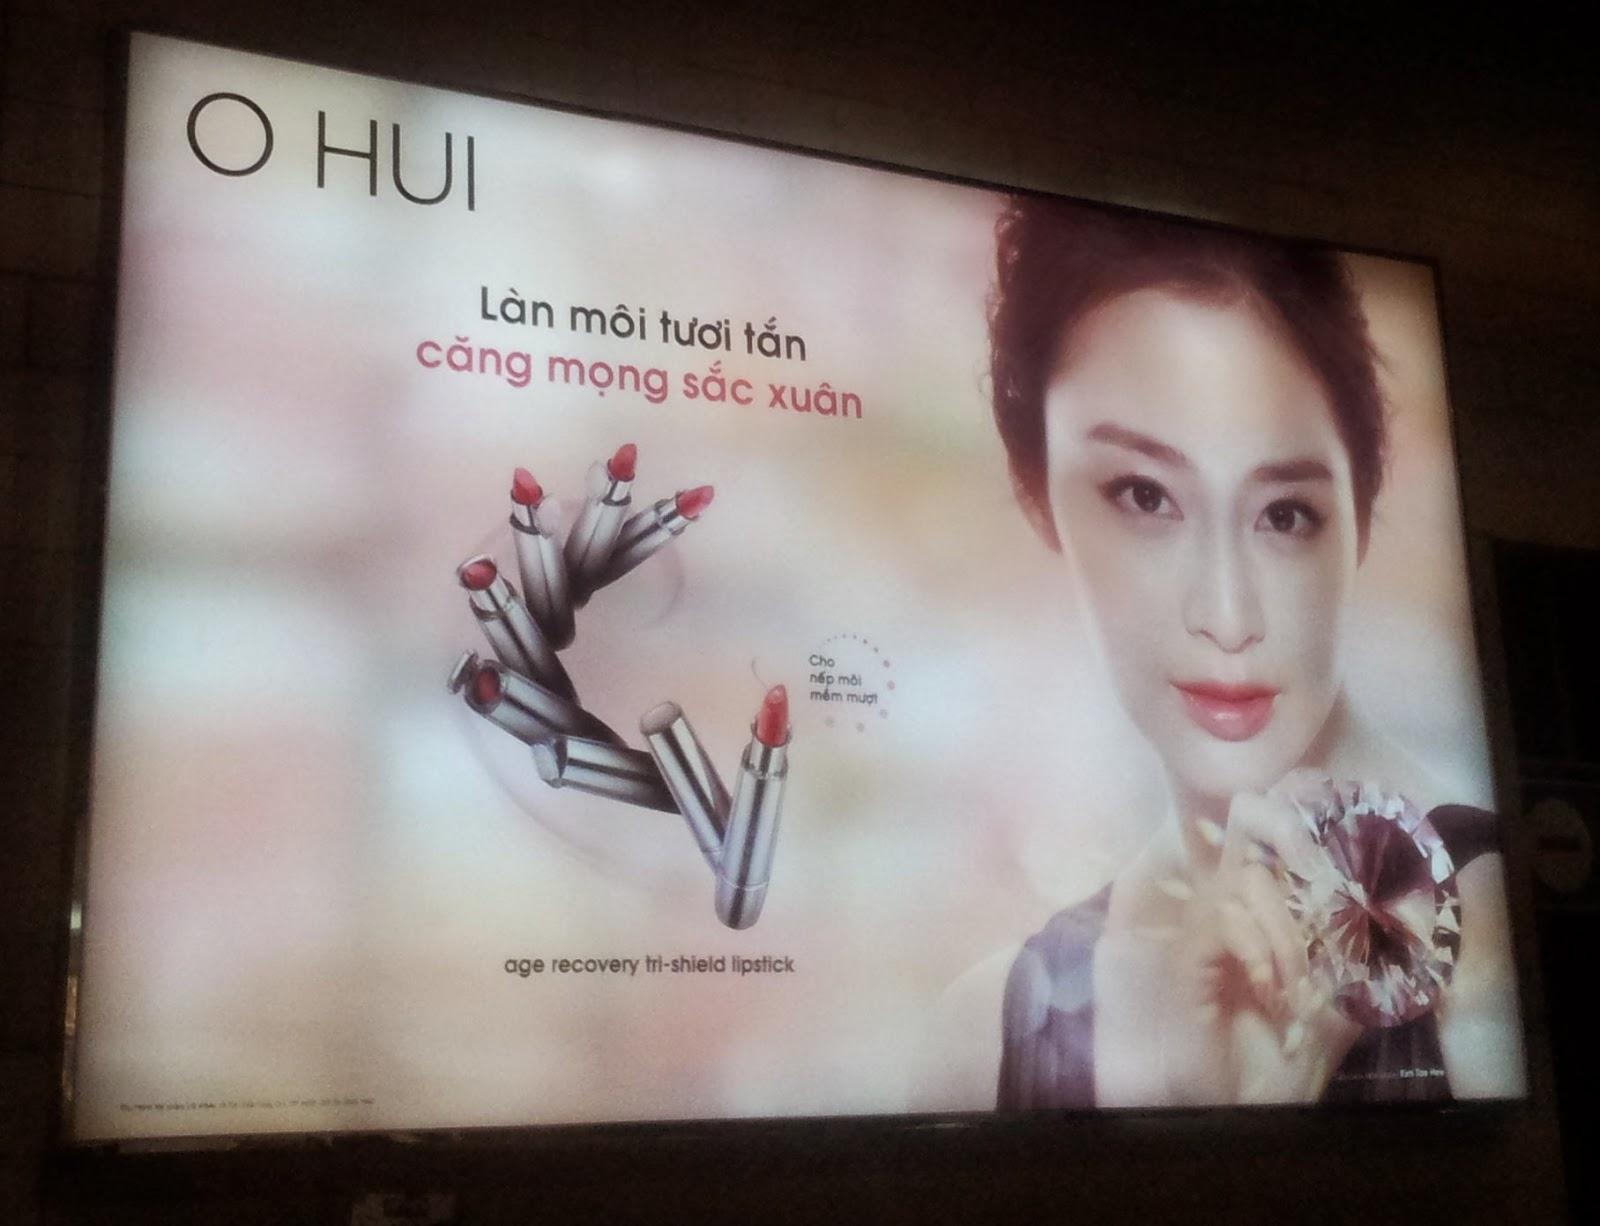 firma kosmetyczna O HUI